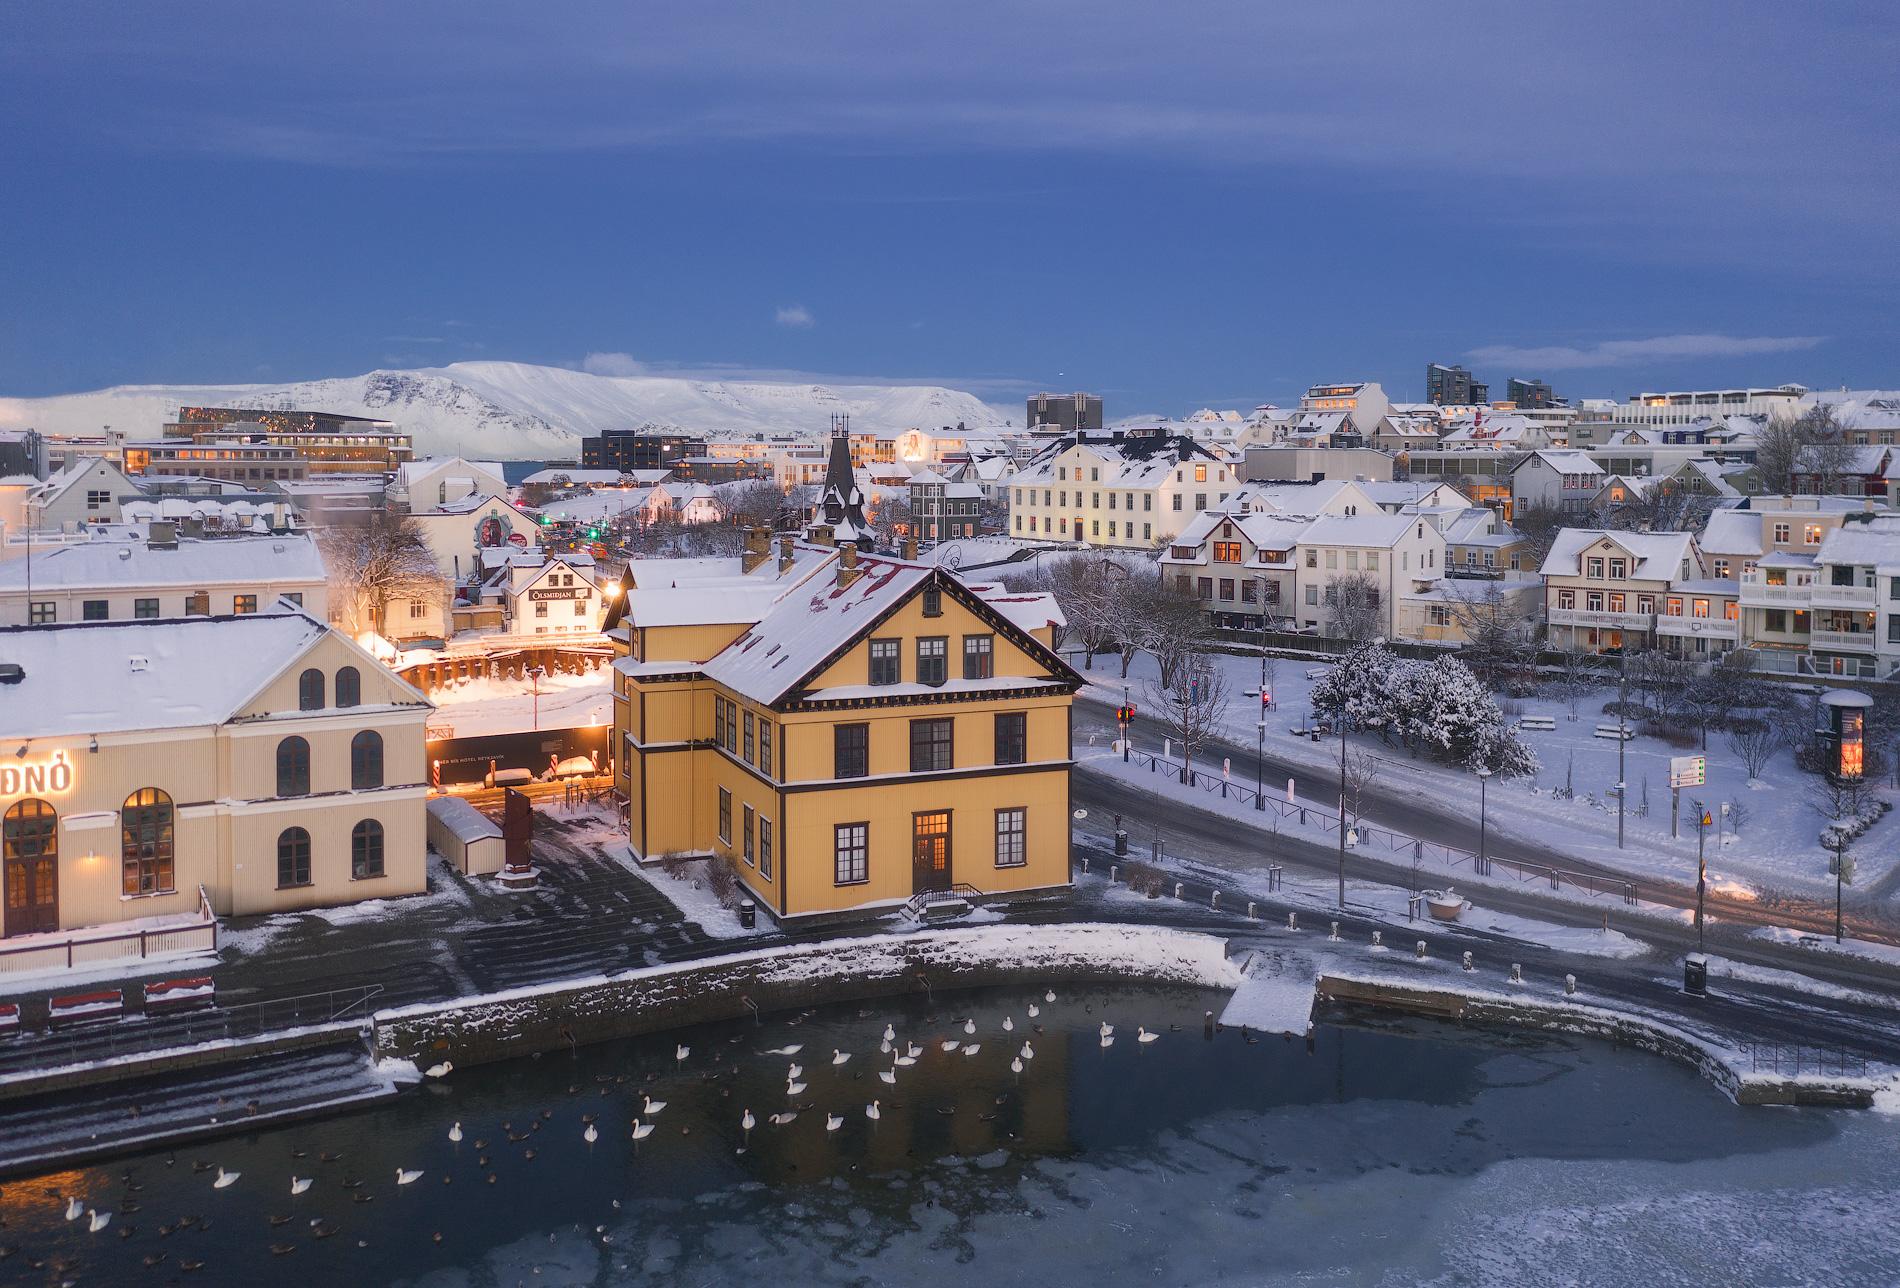 ในช่วงฤดูหนาว สระน้ำทยอร์นนินกลายเป็นน้ำแข็ง และคนในพื้นที่บางคนชอบเล่นสเก็ตที่นี่.